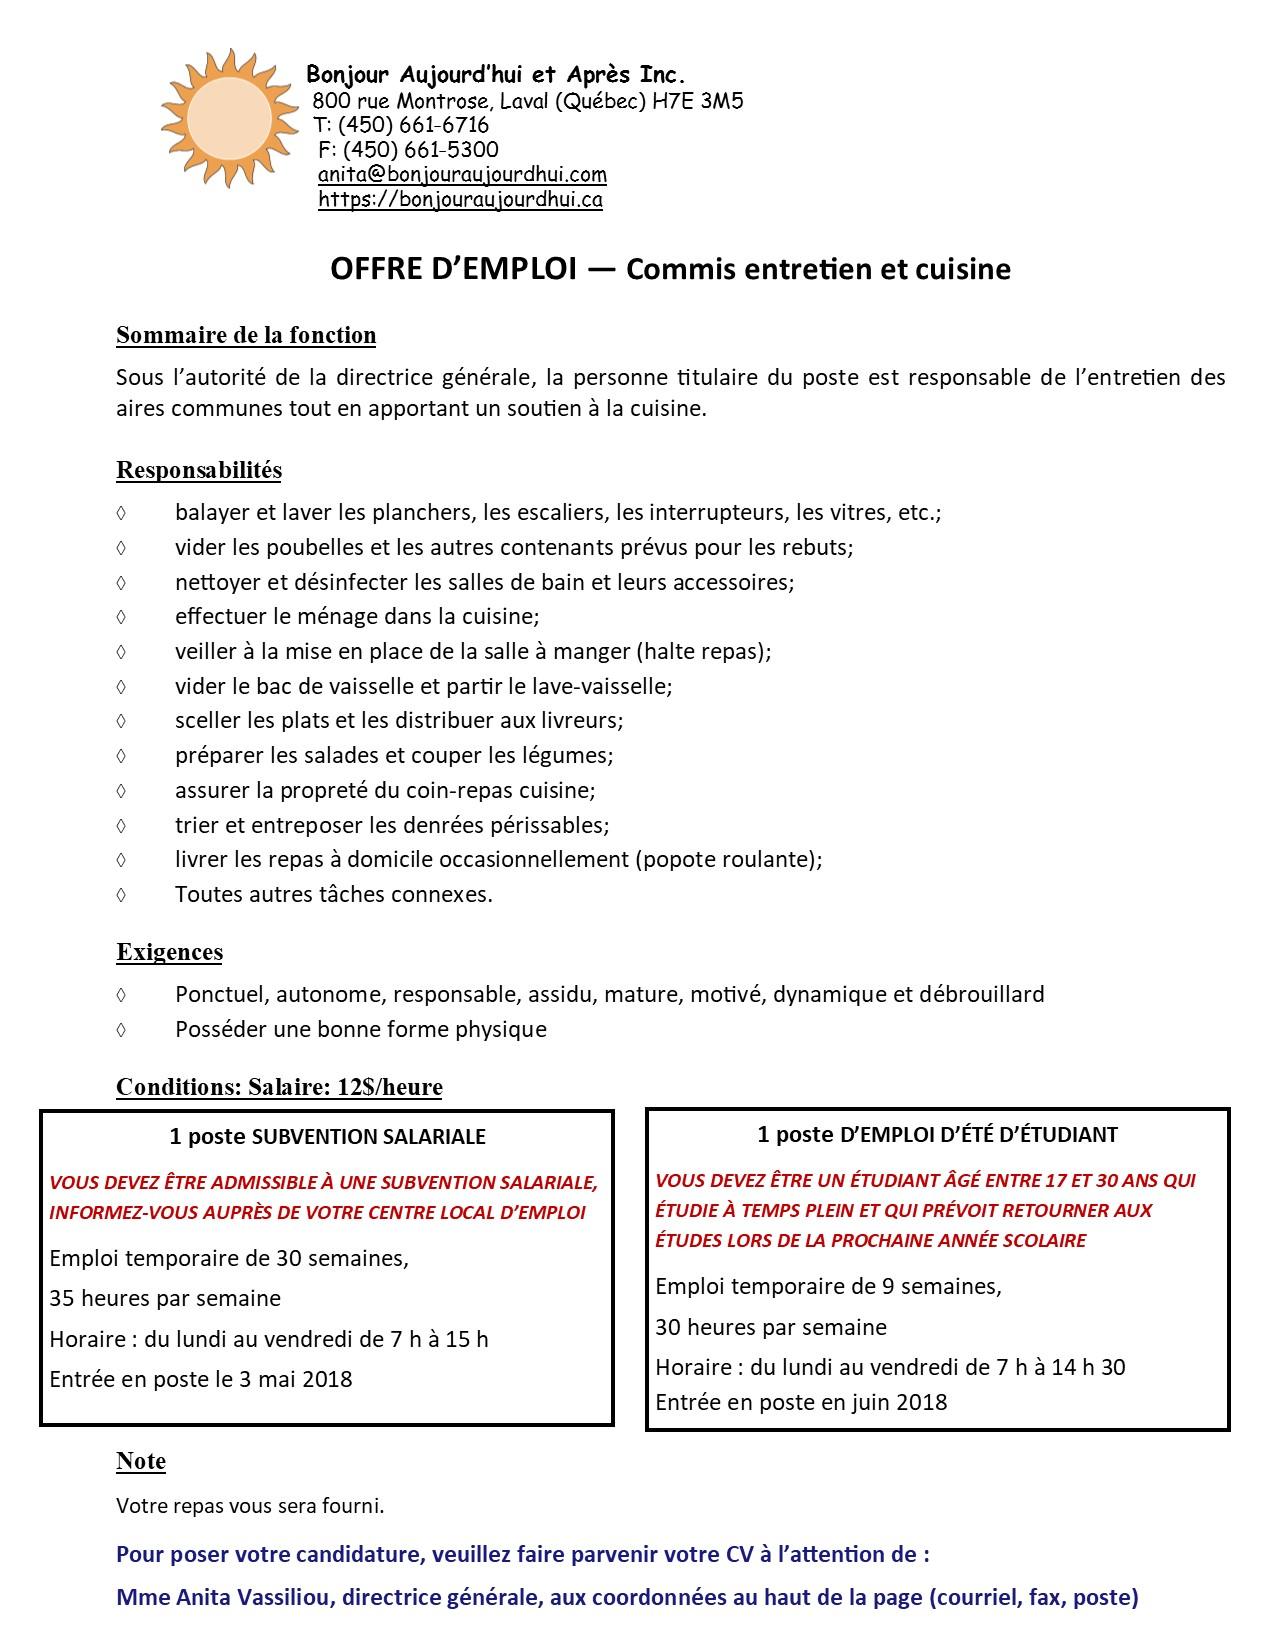 1 offre d 39 emploi 2018 combin e c subv sal commis entretien et cuisine bonjour aujourd 39 hui et - Offre emploi commis de cuisine ...